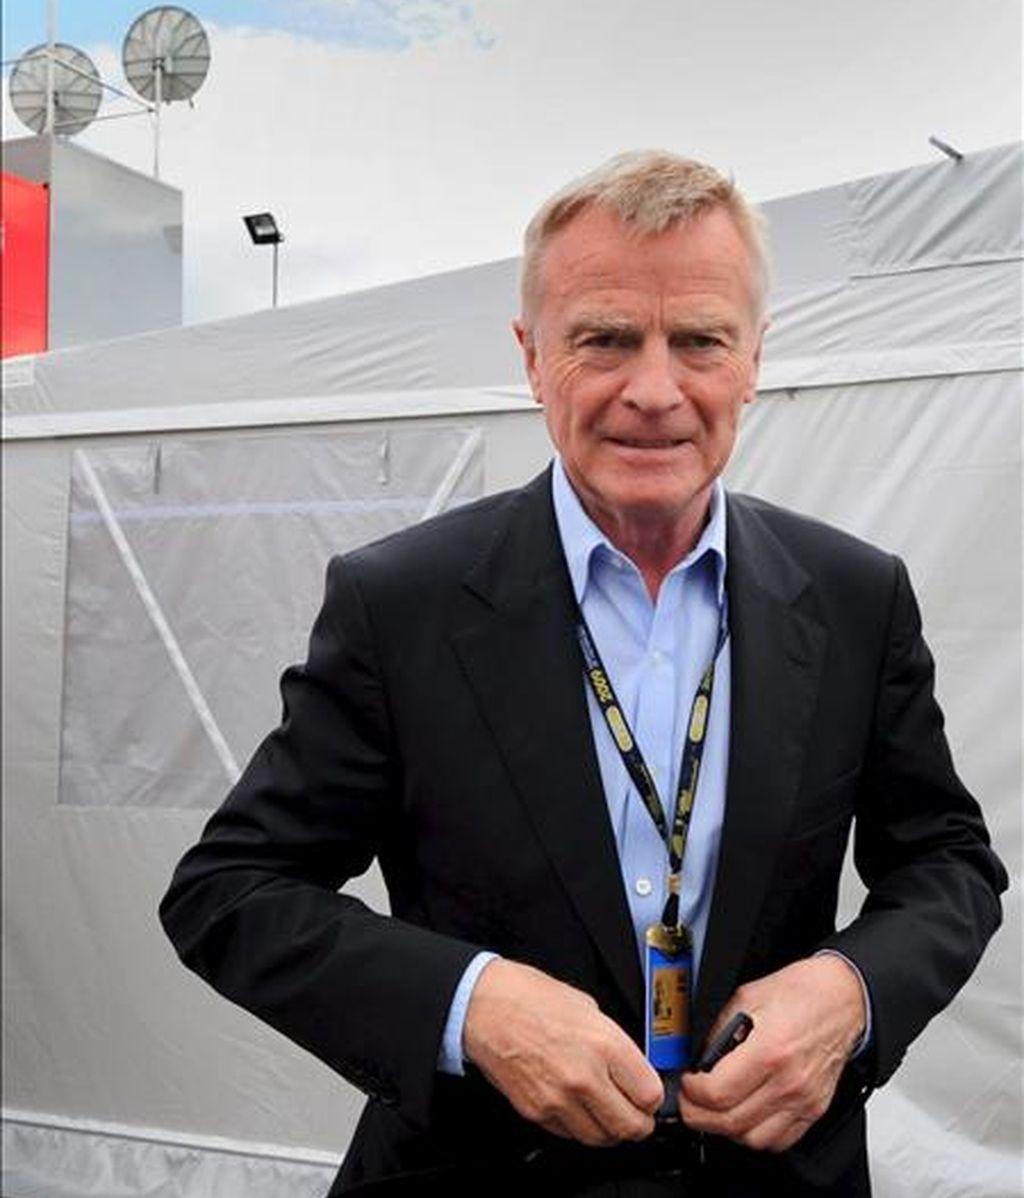 El presidente de la Federación Internacional del Automóvil (FIA), Max Mosley. EFE/Archivo